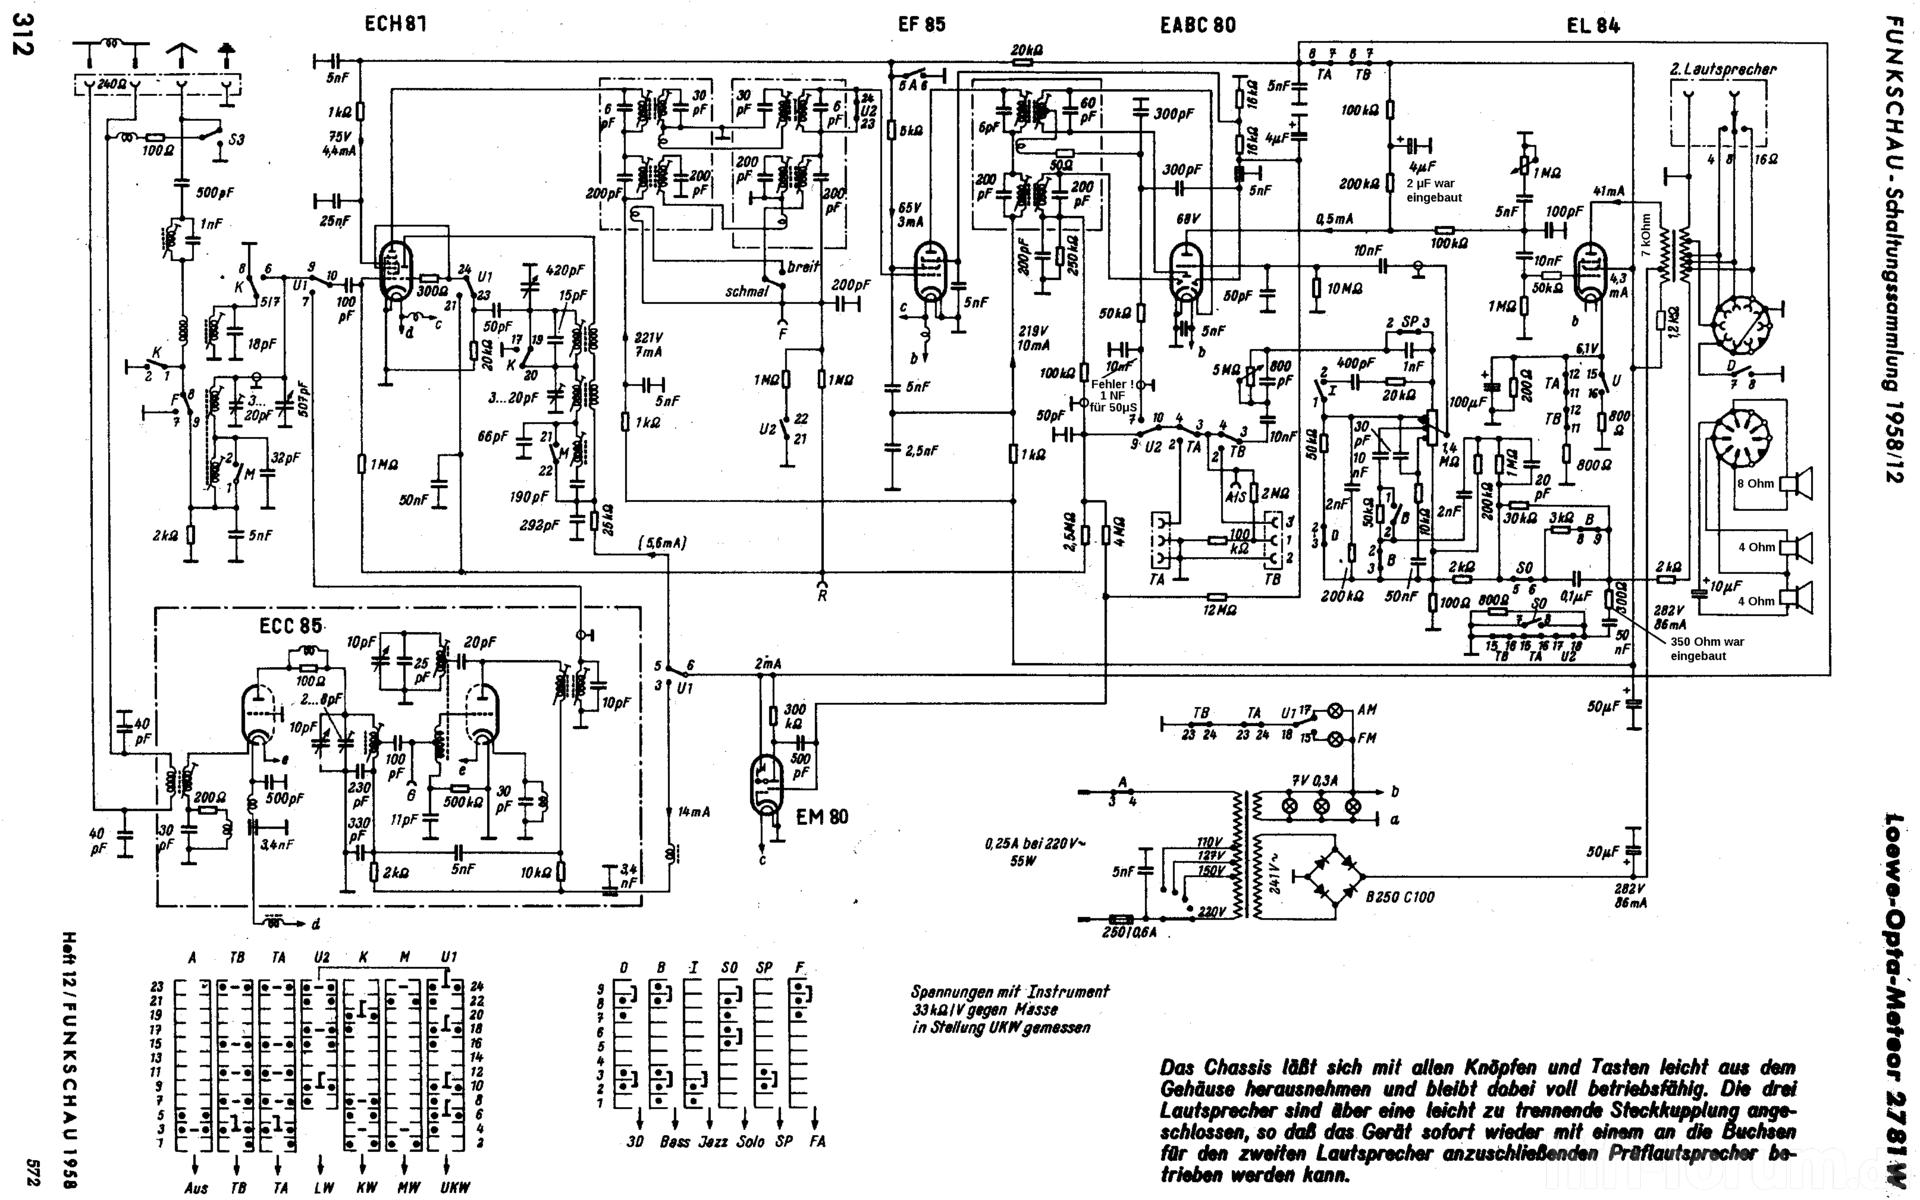 Schaltplan Eines Hauses - linearsystem.co - Home Design Ideen und ...